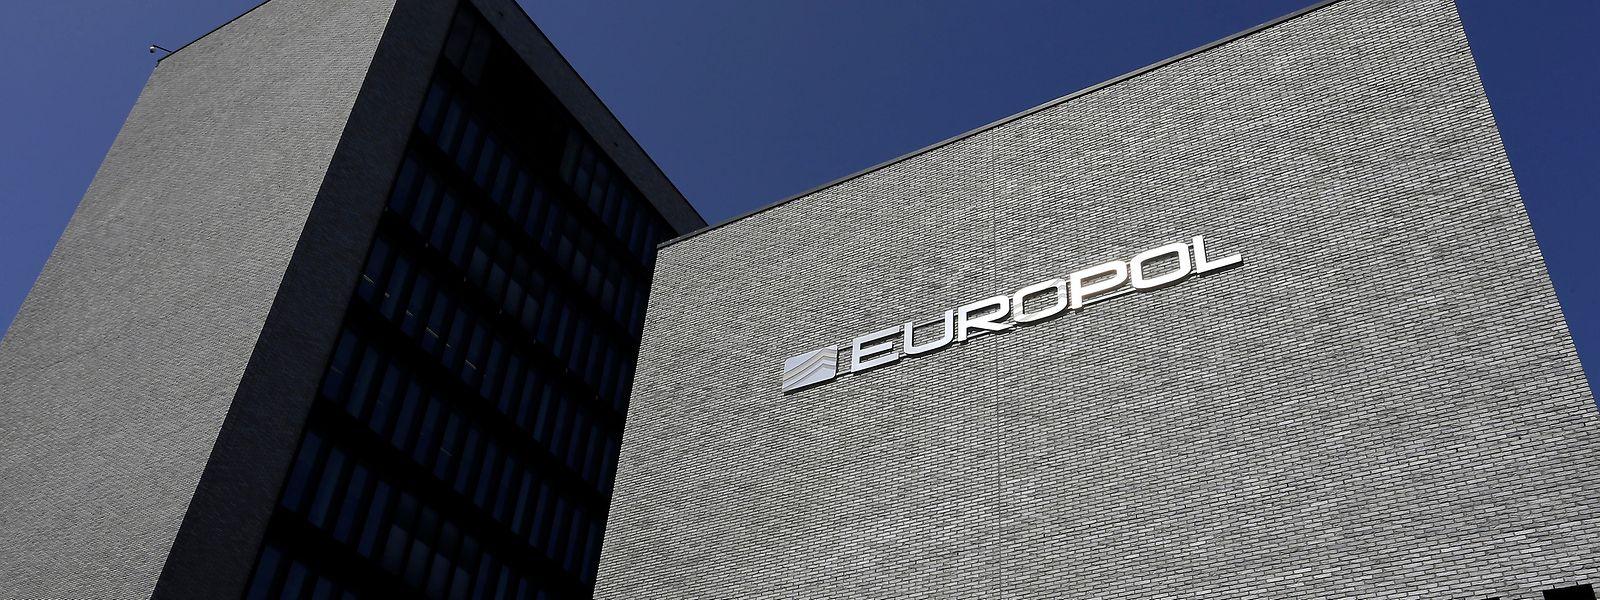 Niederlande, Den Haag: Das Hauptquartier der Europäischen Polizeibehörde Europol.